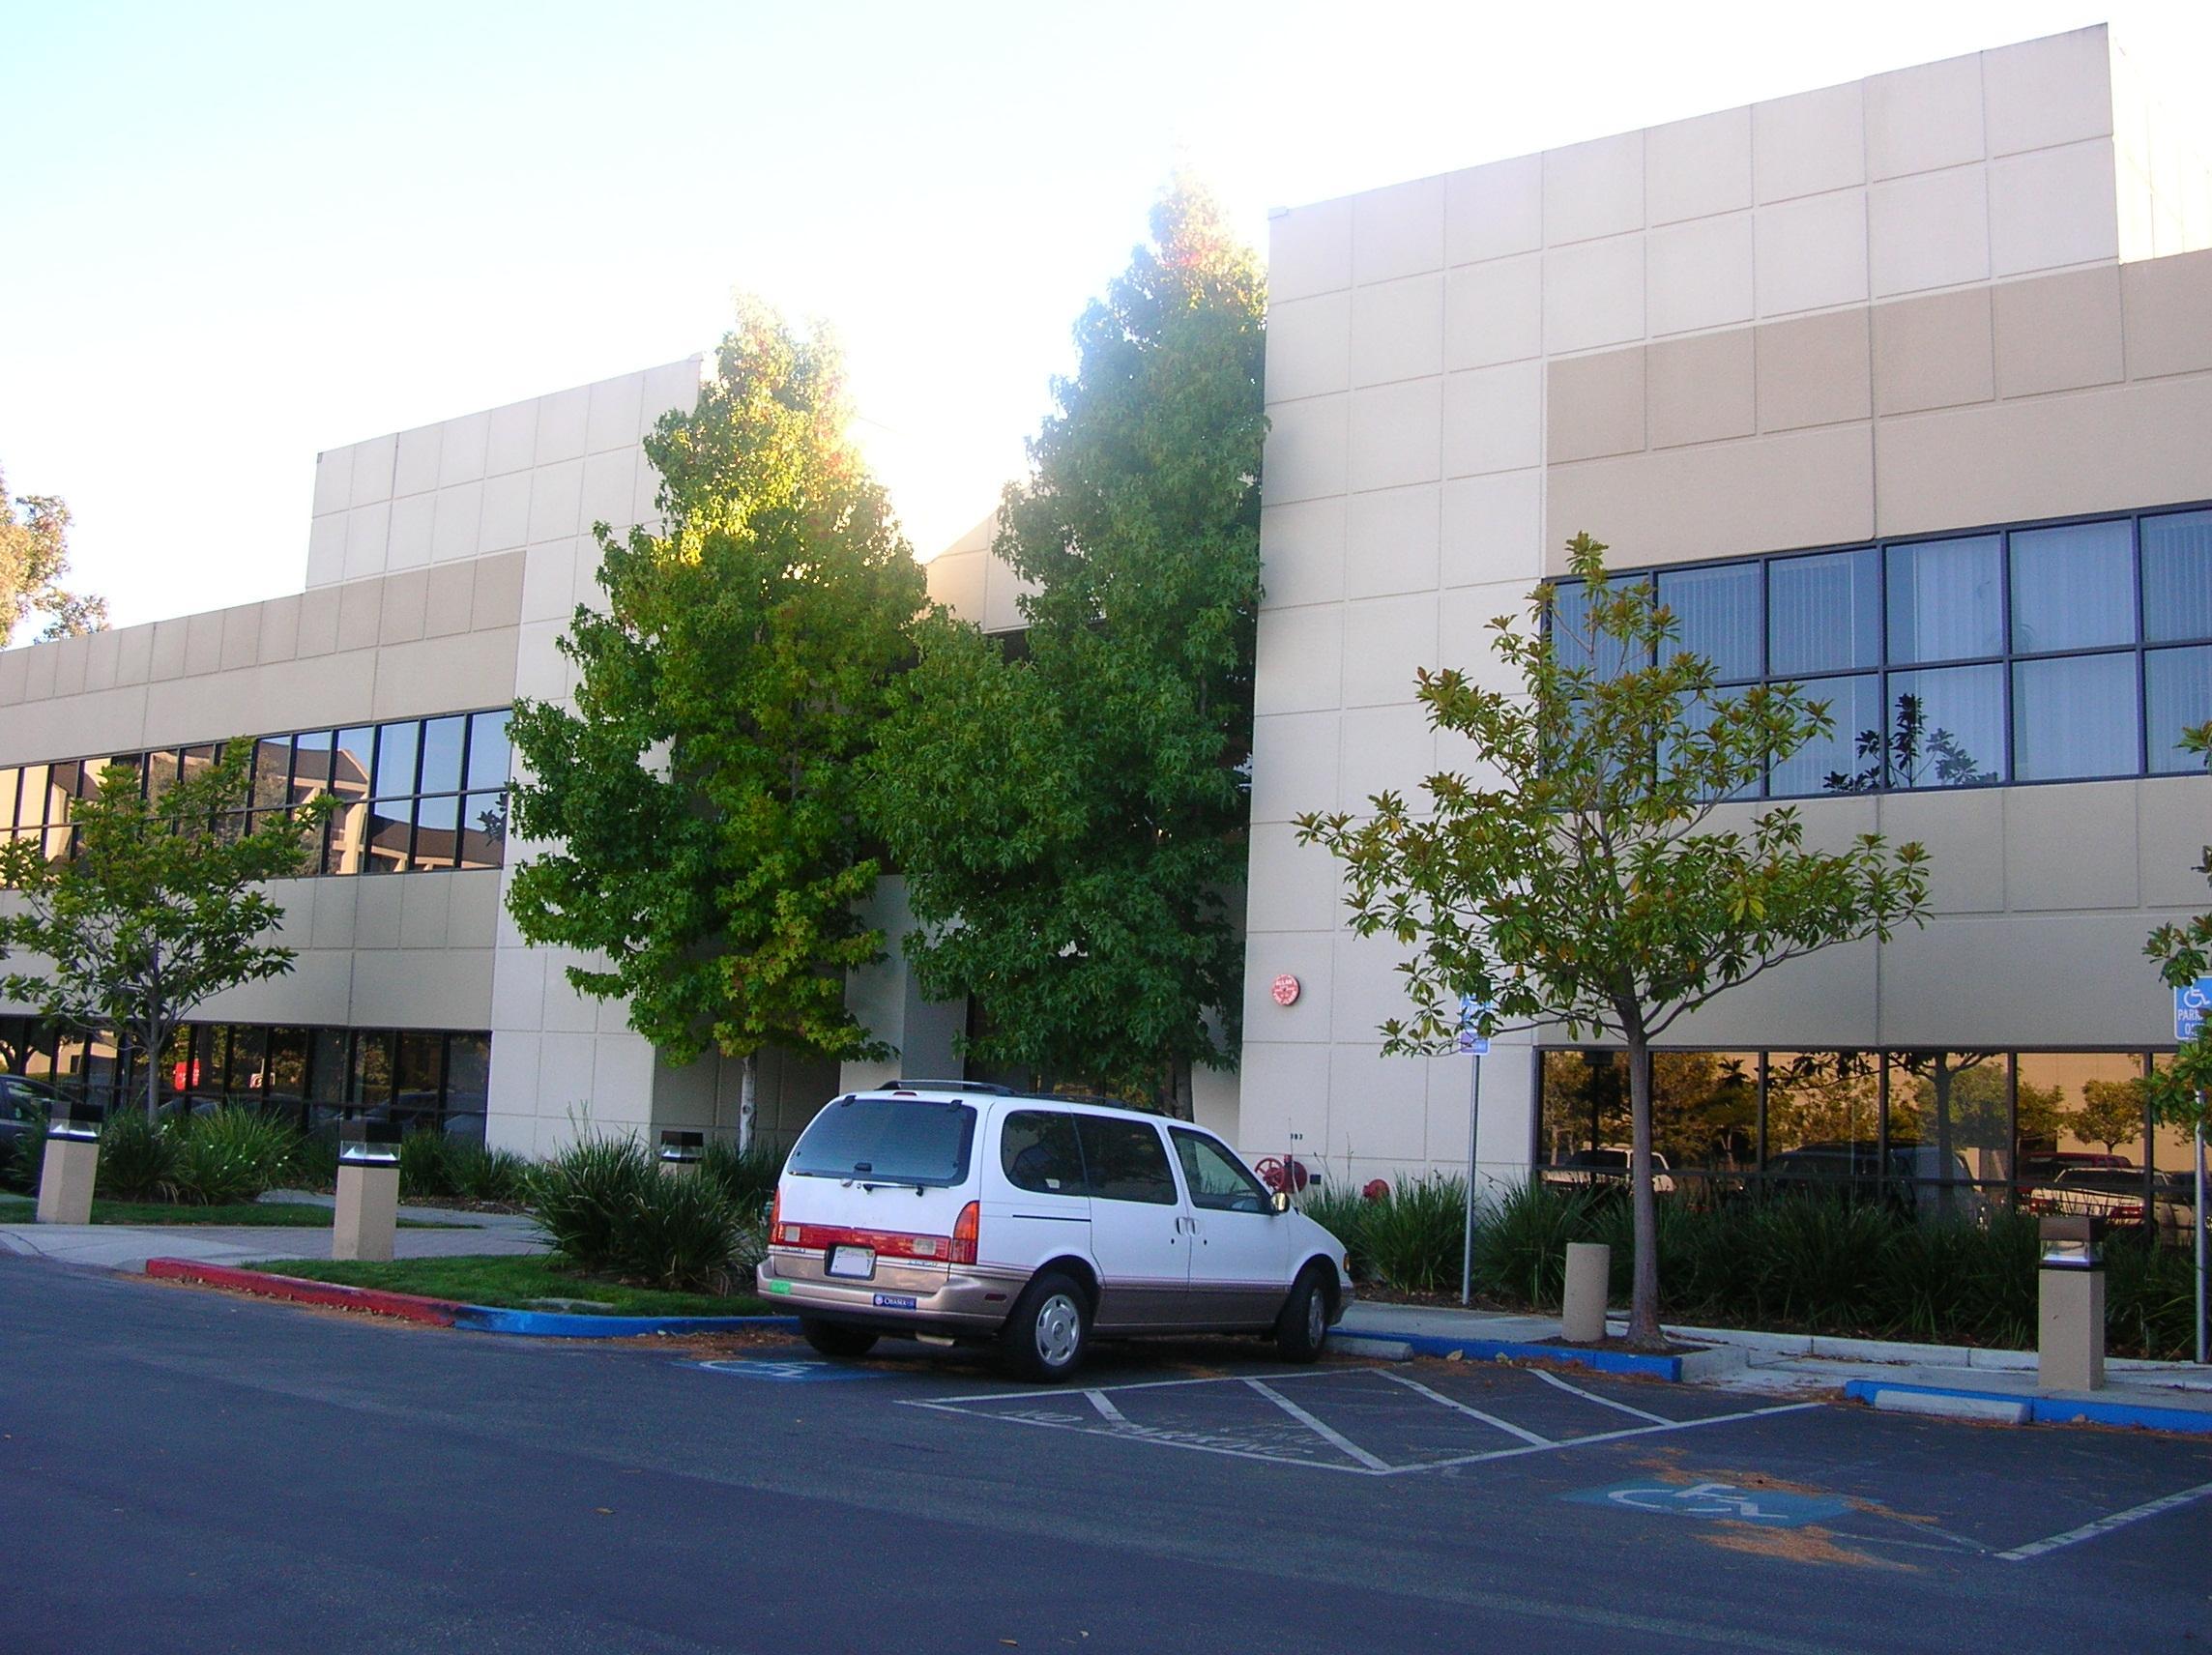 Original SolarCity headquarters in Foster City, California